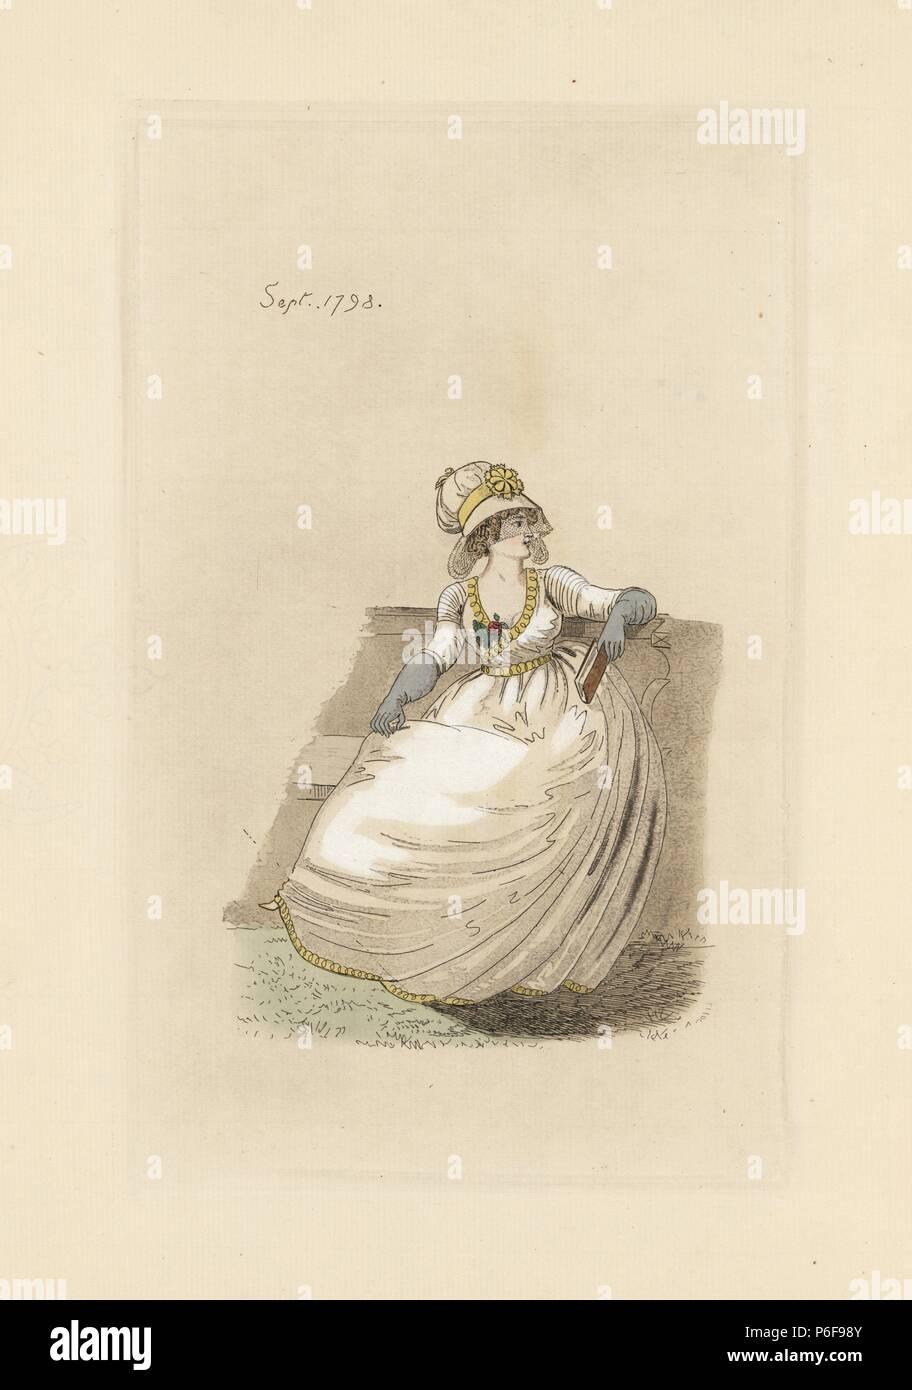 englisch frau in der mode des september 1798. sie trägt eine